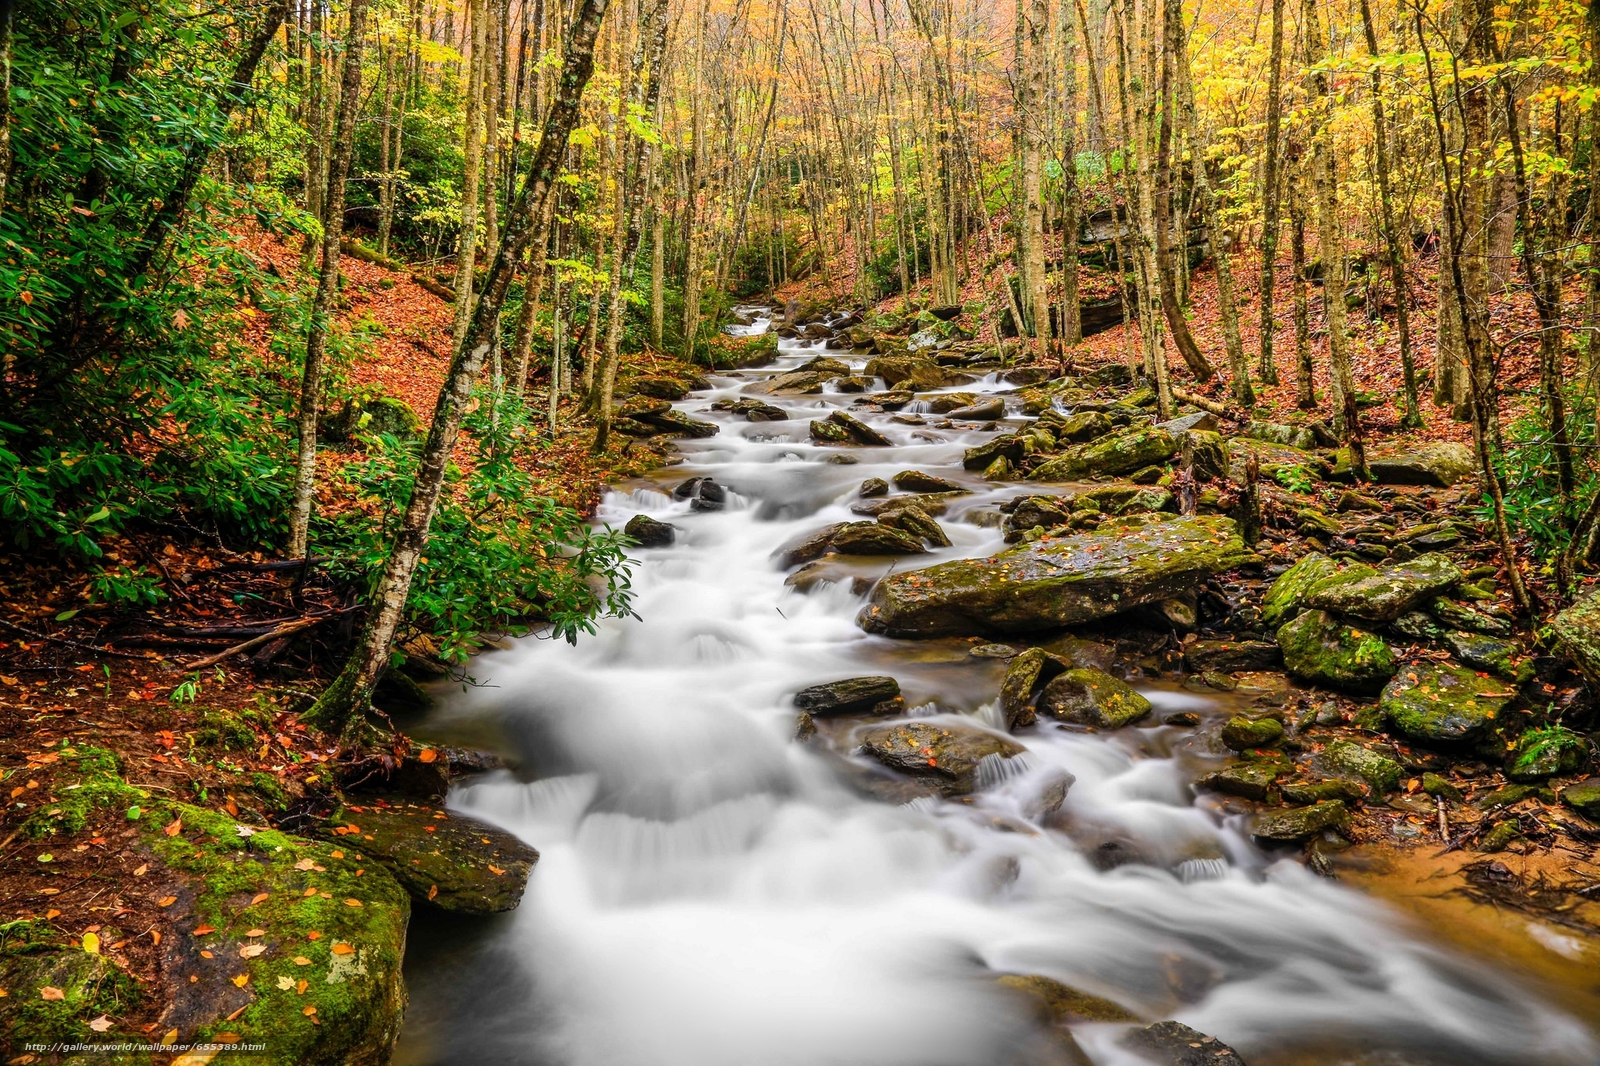 Скачать обои Pond Creek,  Beech Mountain,  North Carolina,  осень бесплатно для рабочего стола в разрешении 2048x1365 — картинка №655389